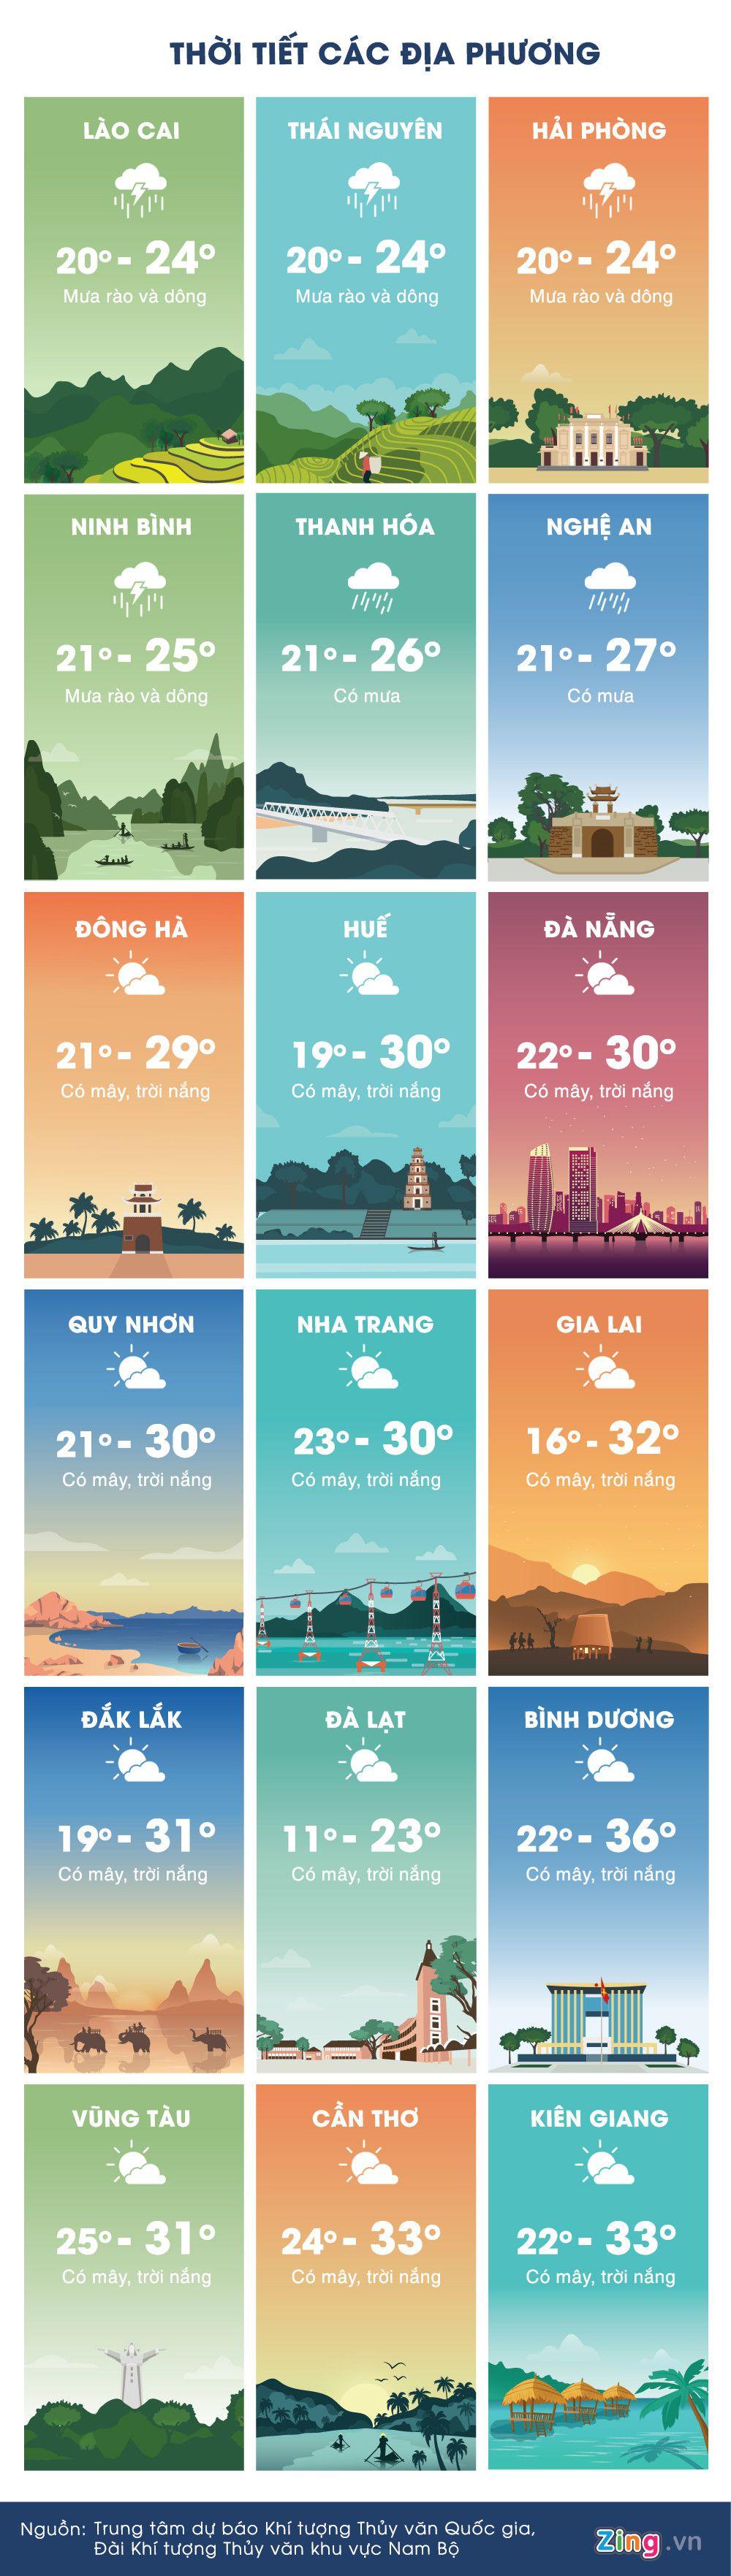 Thời tiết ngày 17/2: Hà Nội có mưa rào Ảnh 3